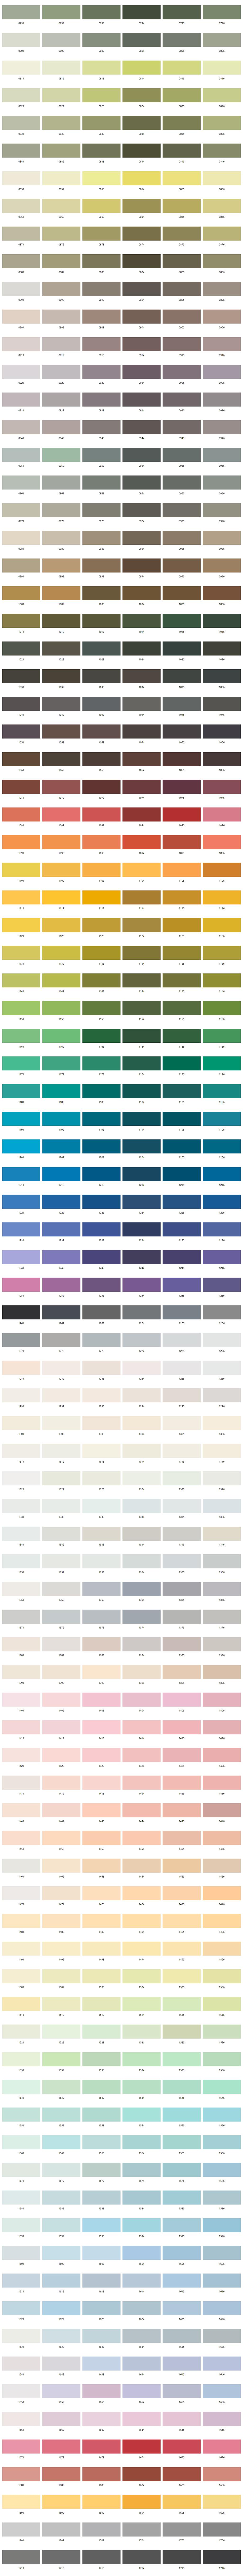 铝单板颜色